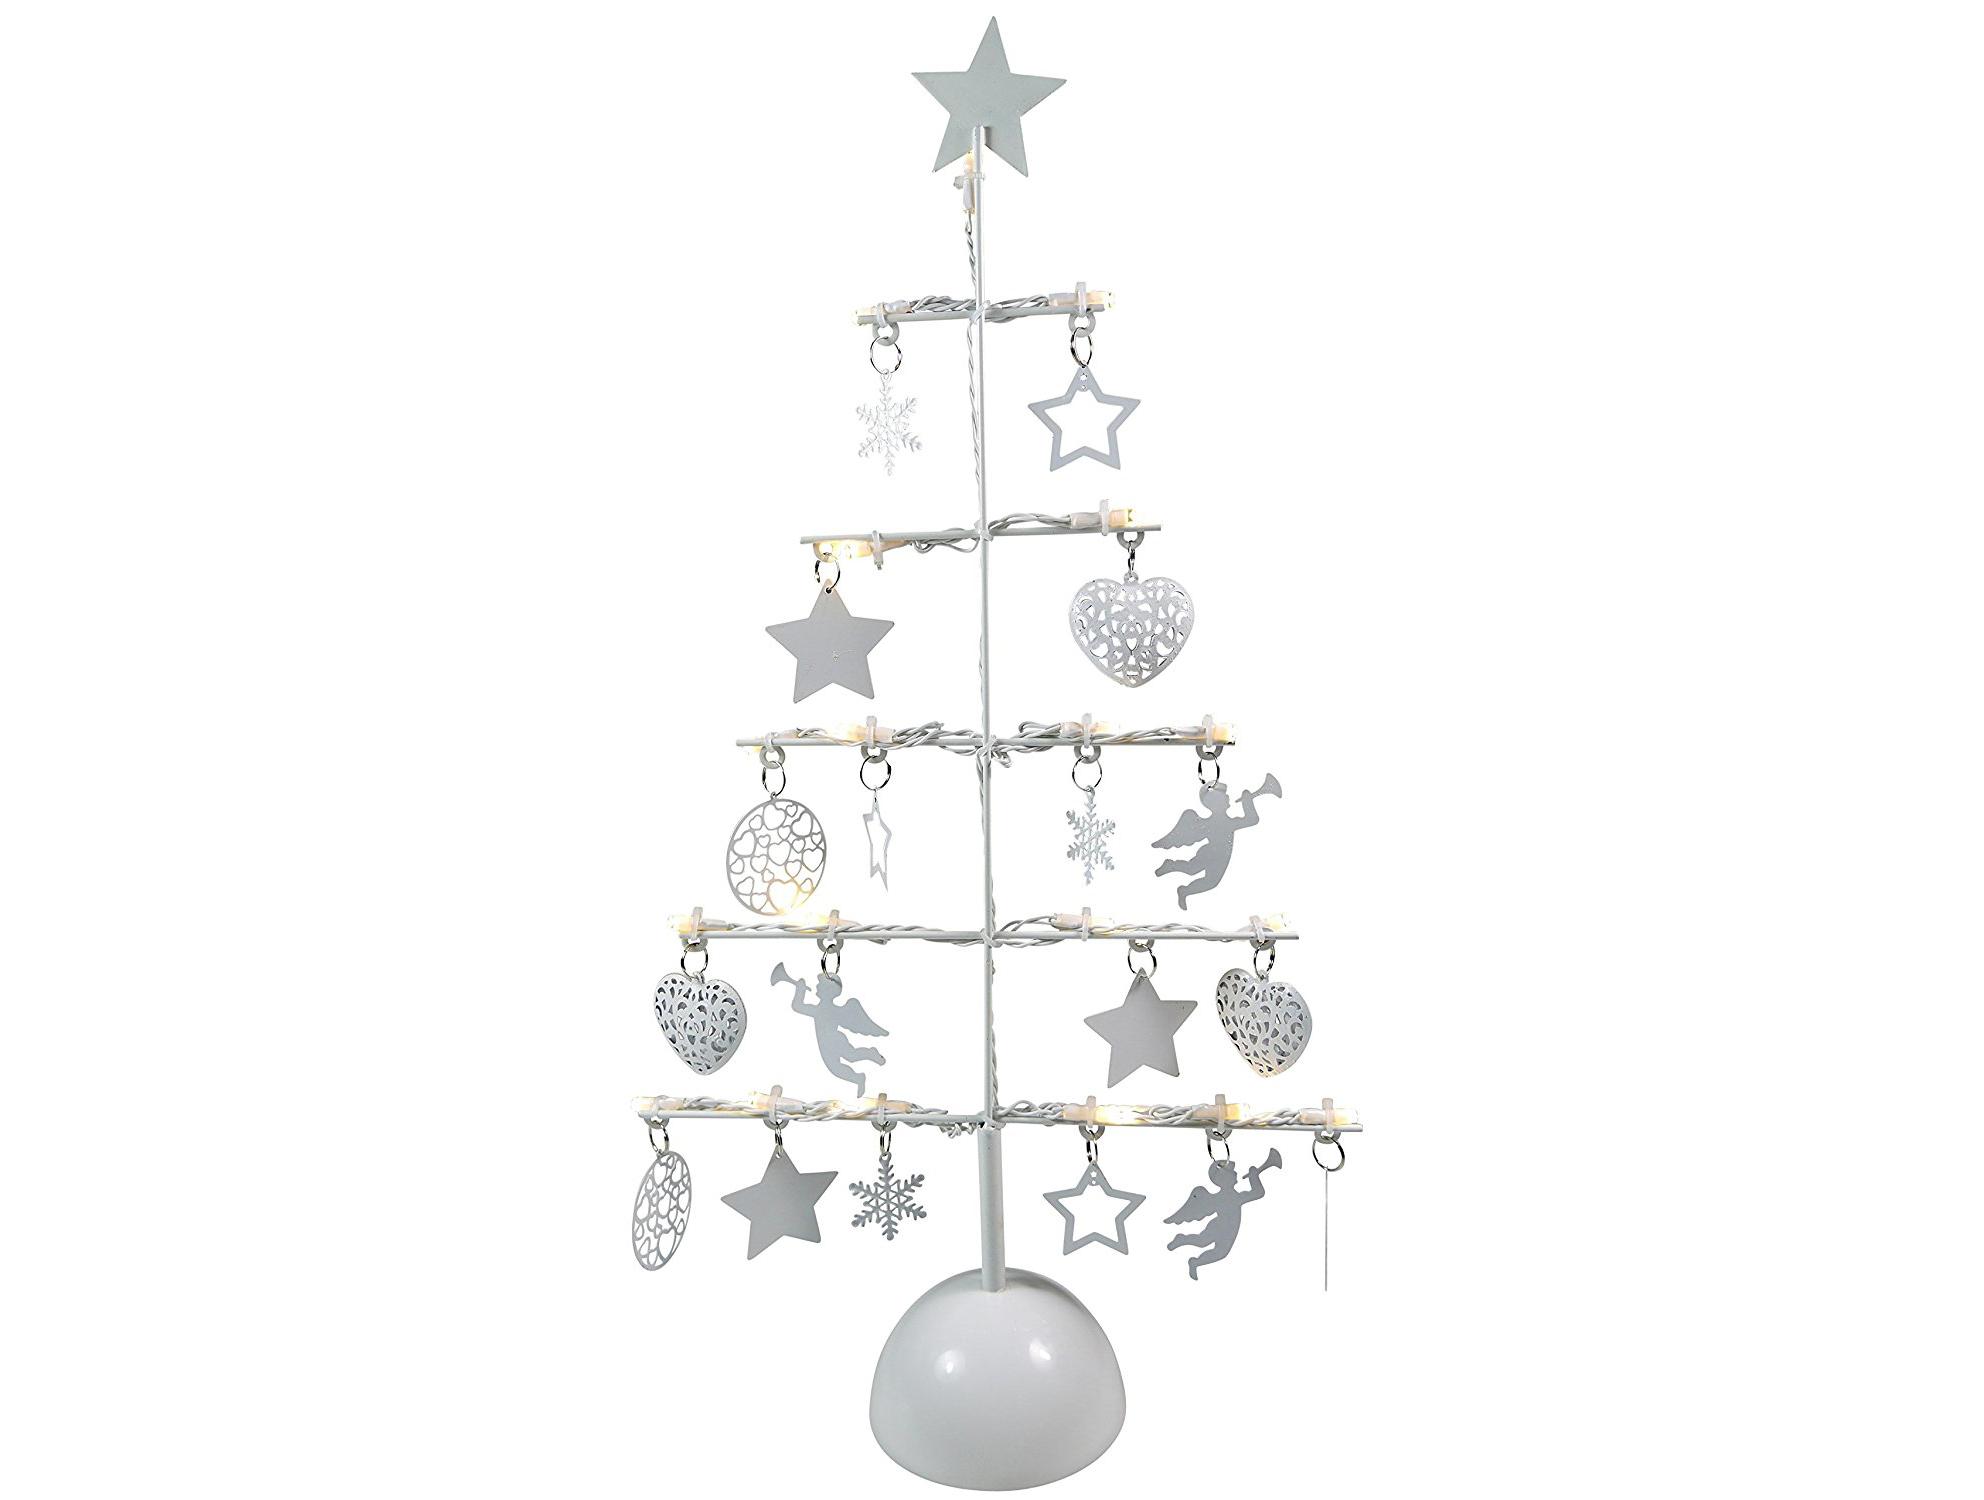 Albero di Natale decorativo in metallo con Luci di Natale a LED..